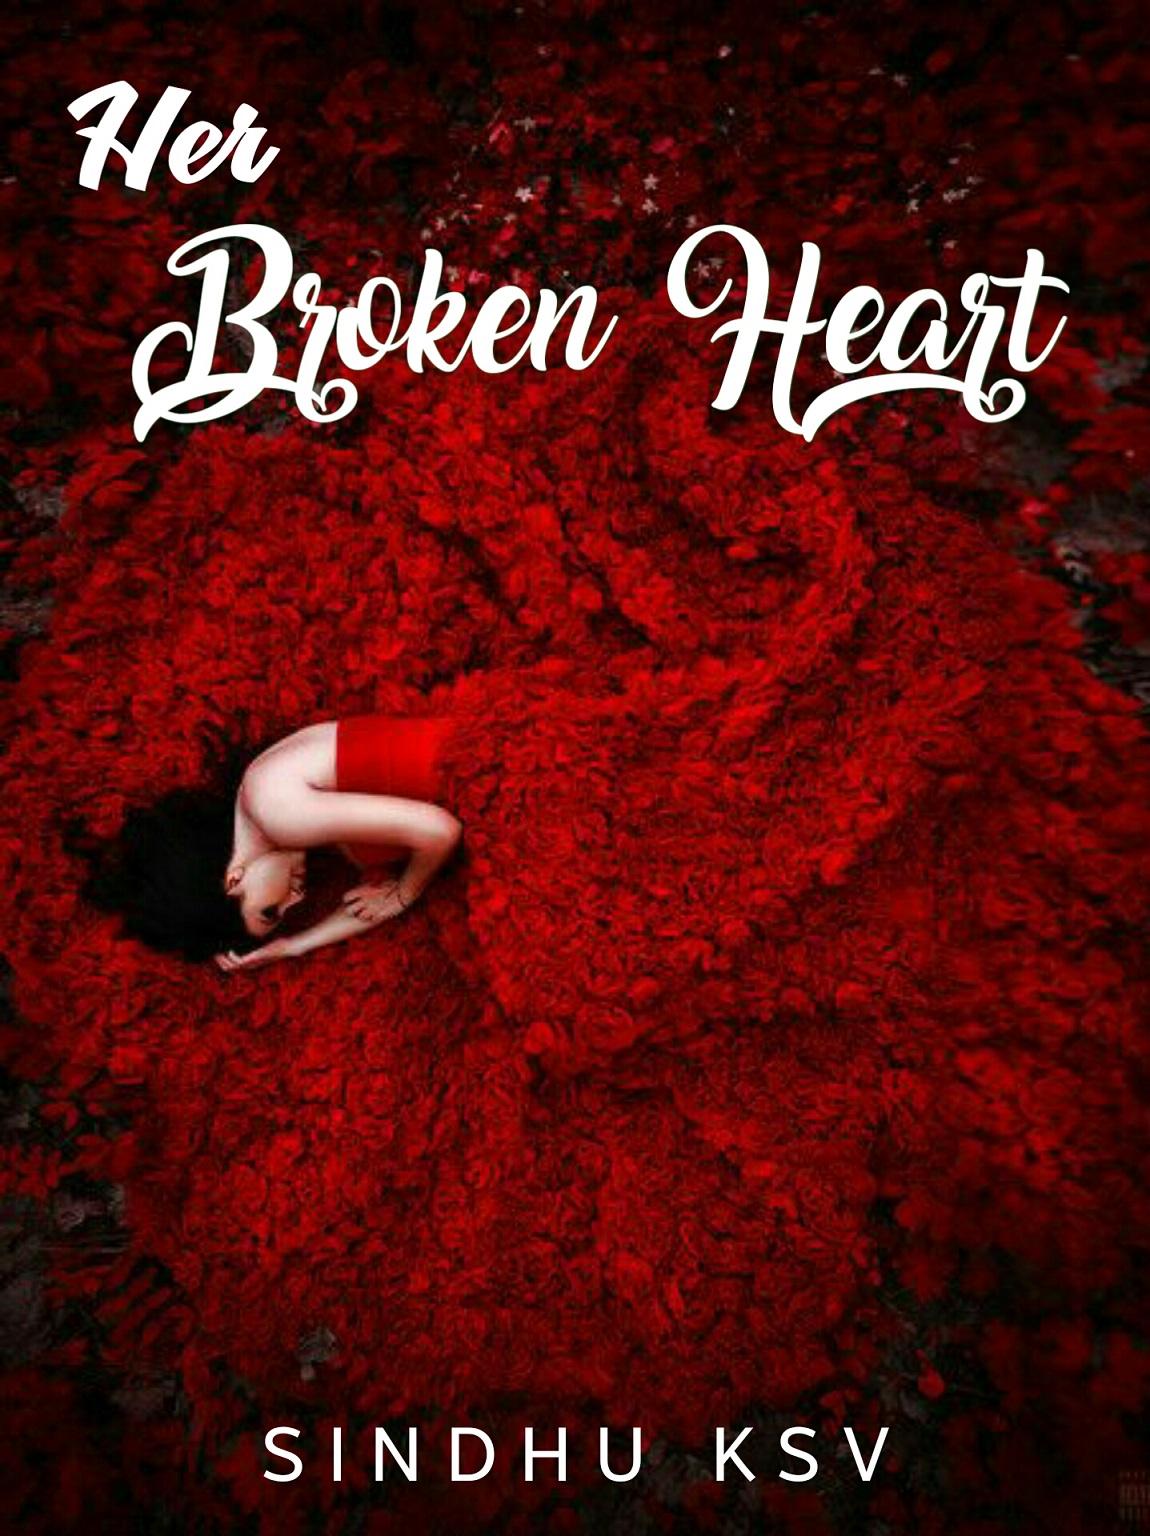 HER BROKEN HEART